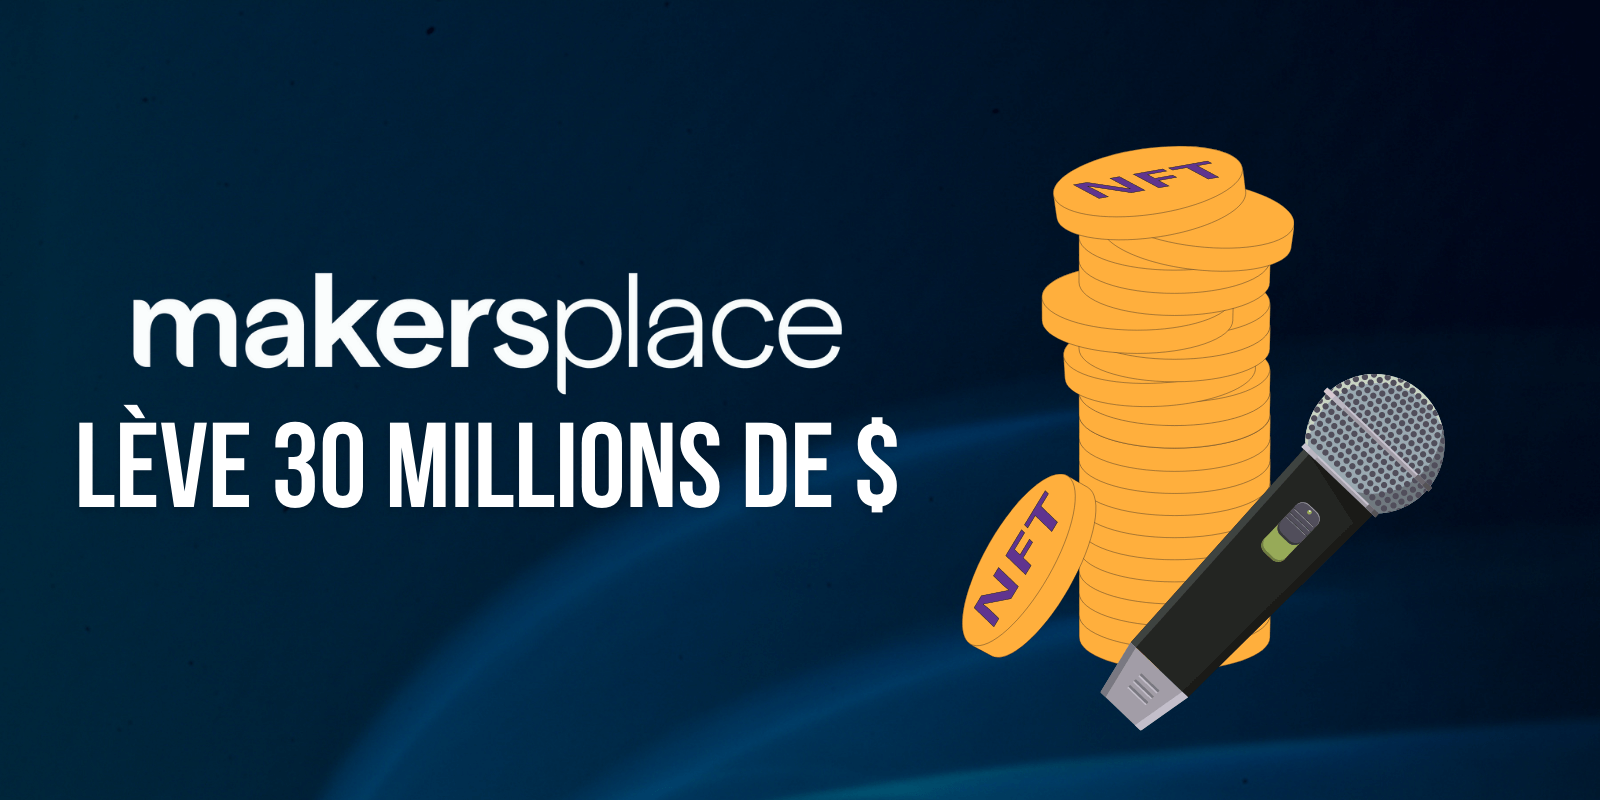 La plateforme NFT MakersPlace lève 30 millions de dollars auprès d'Eminem et d'autres investisseurs